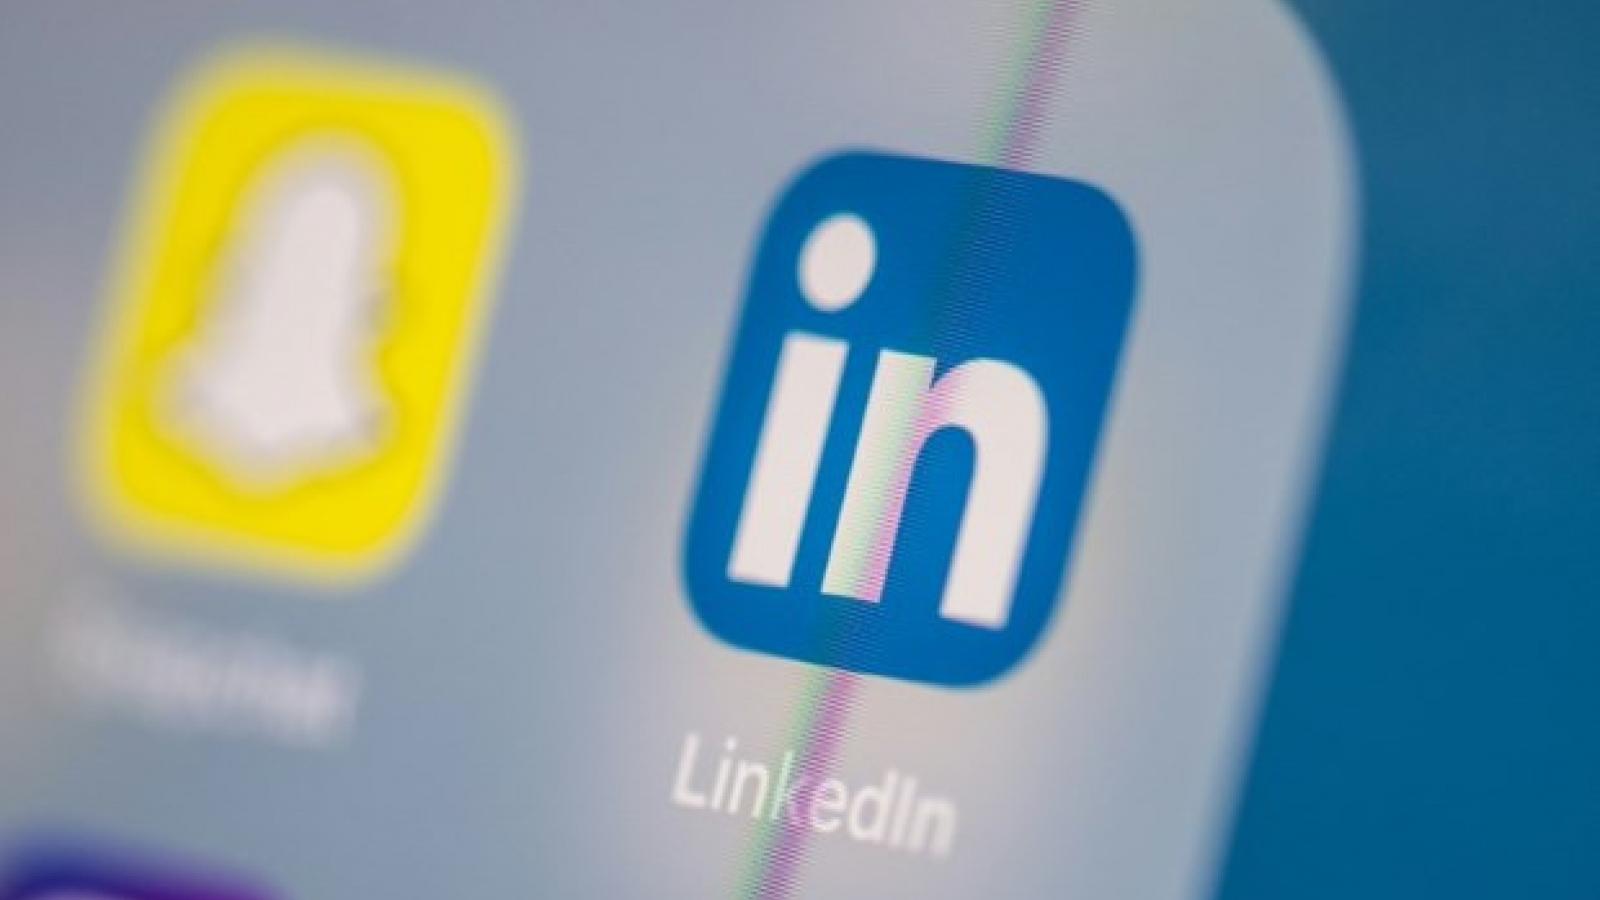 LinkedIn dừng bước sau 7 năm hoạt động ở thị trường Trung Quốc